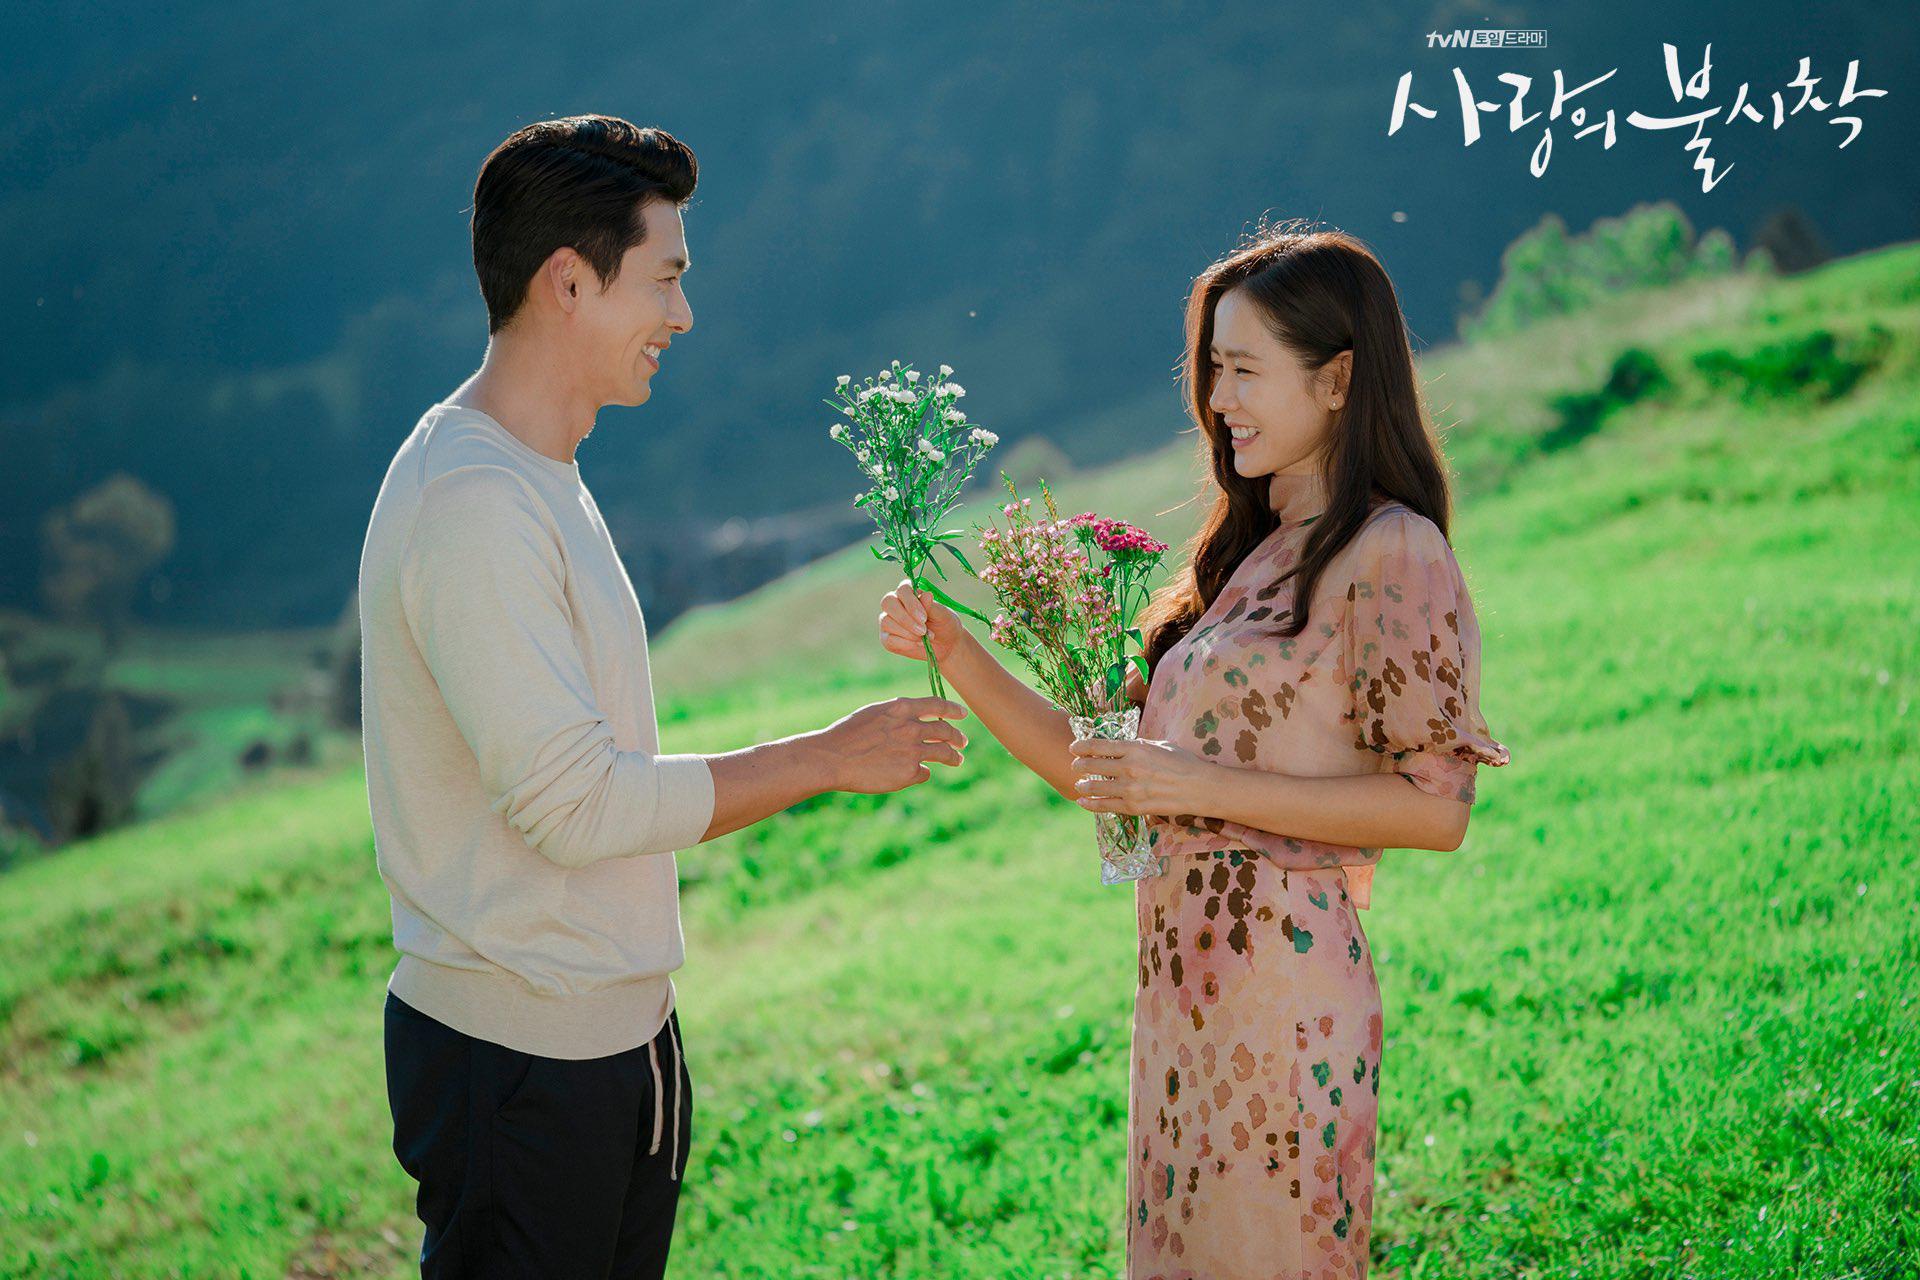 Son Ye Jin tiết lộ bom tấn với Hyun Bin lẽ ra kết thúc bi kịch, tại anh chị tình cảm quá nên được sửa kịch bản luôn - Ảnh 7.